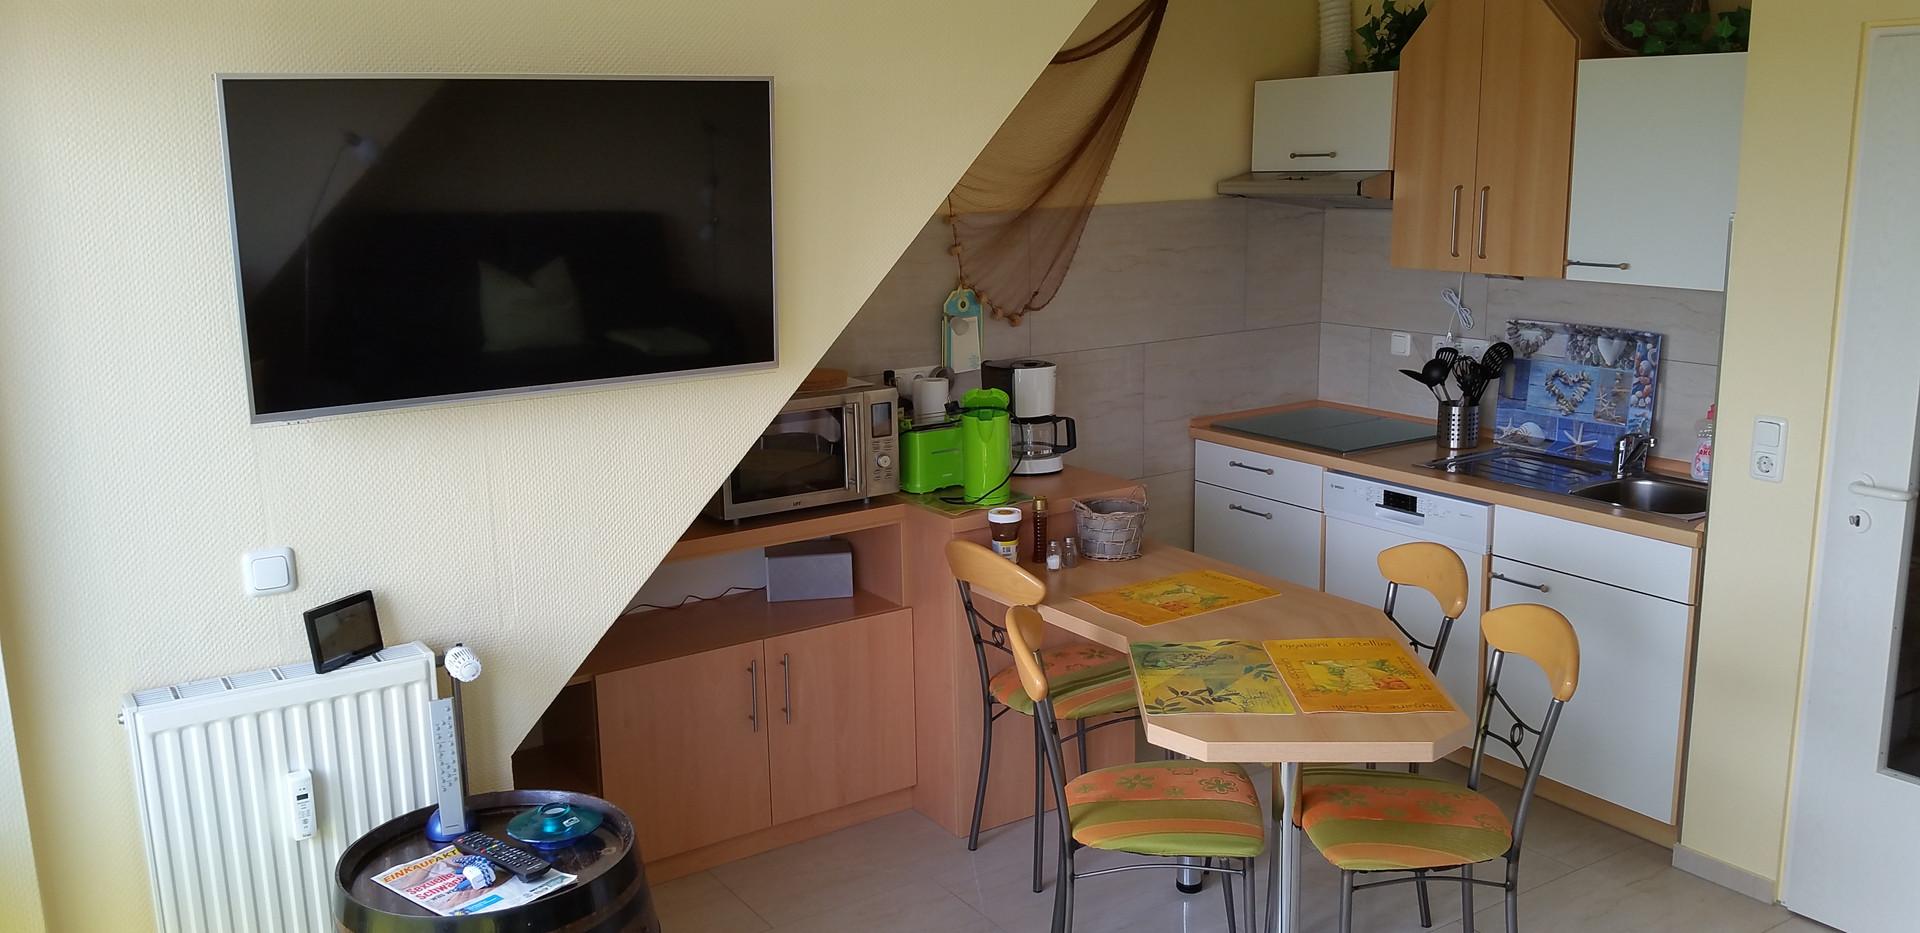 Küche_Essbereich